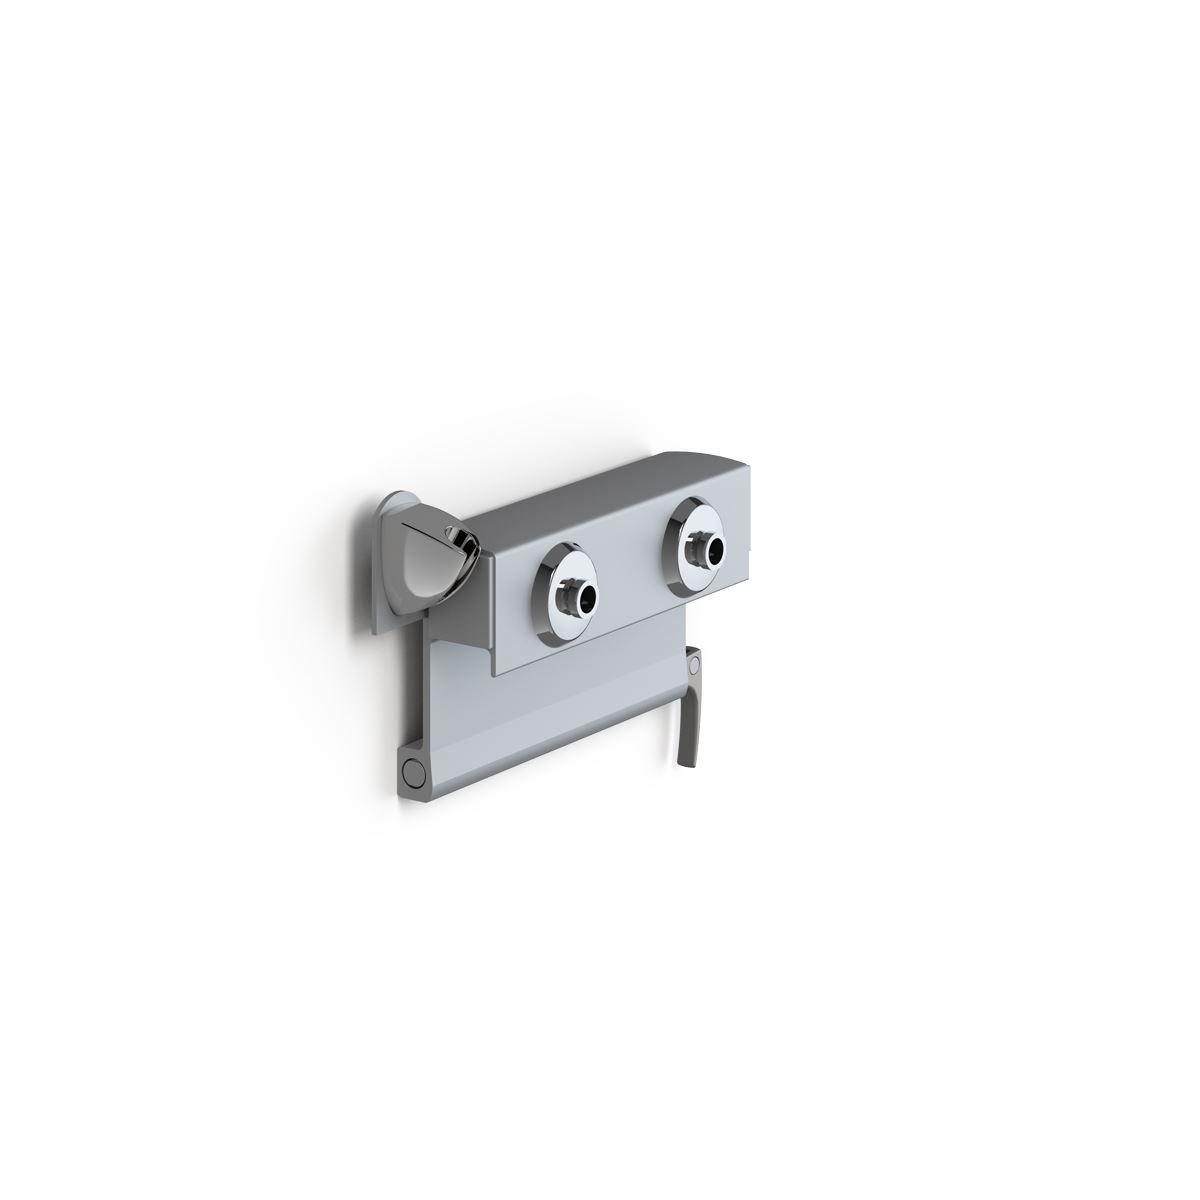 Shower mixer bracket for PLUS walltrack